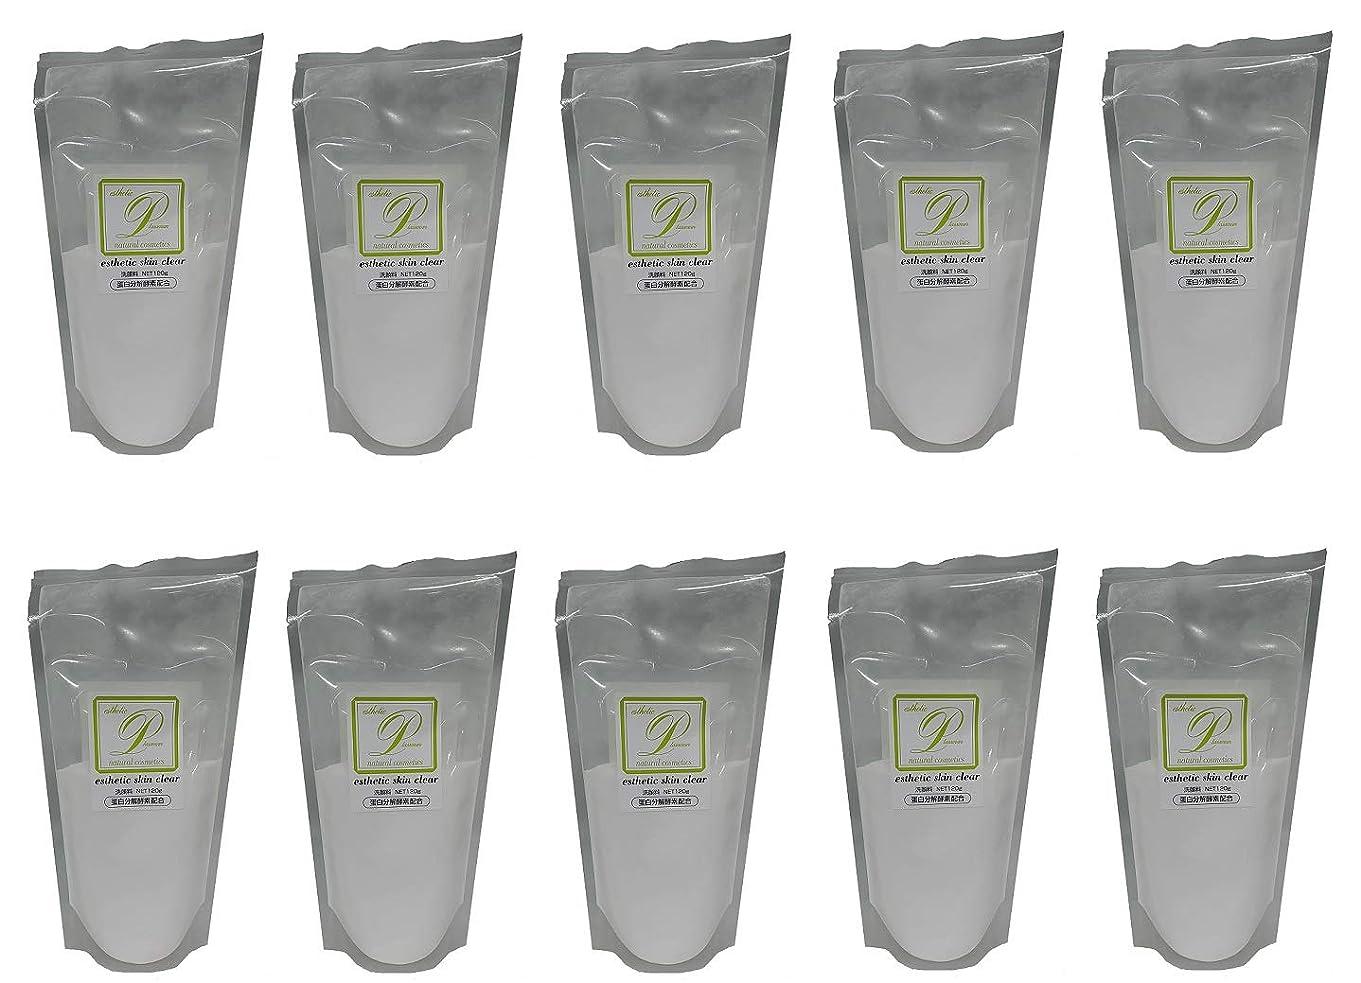 同情ステートメントフェリー【10個セット】メロス プラスマンスキンケア 酵素 スキンクリア N 120g レフィル